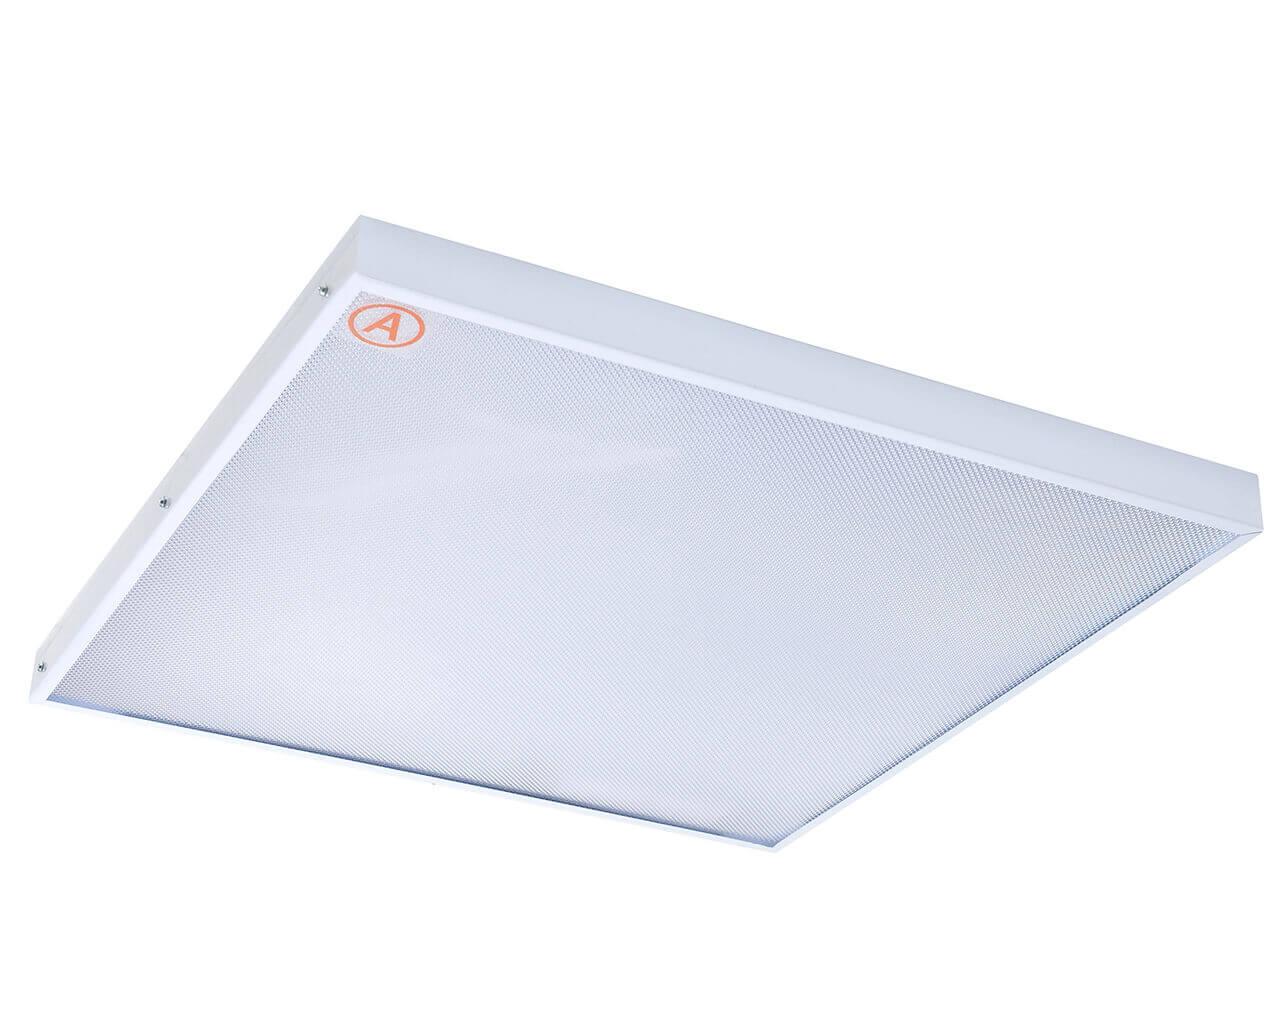 Универсальный светильник LC-US-60-WW ватт 595x595 Теплый белый Призма с Бап-1 час